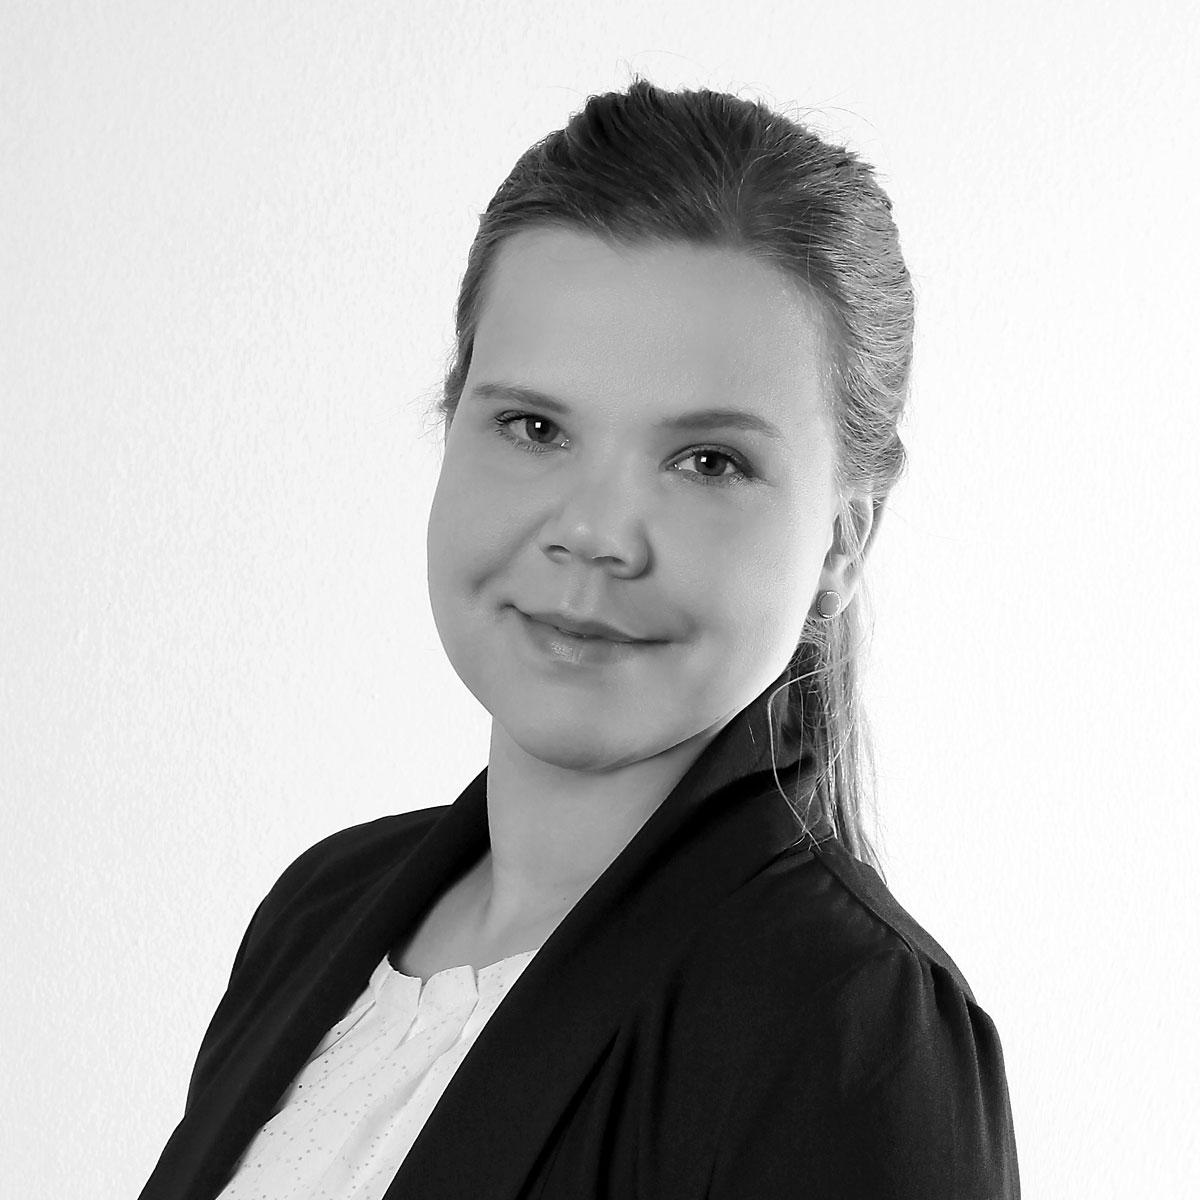 Astrid Eggert